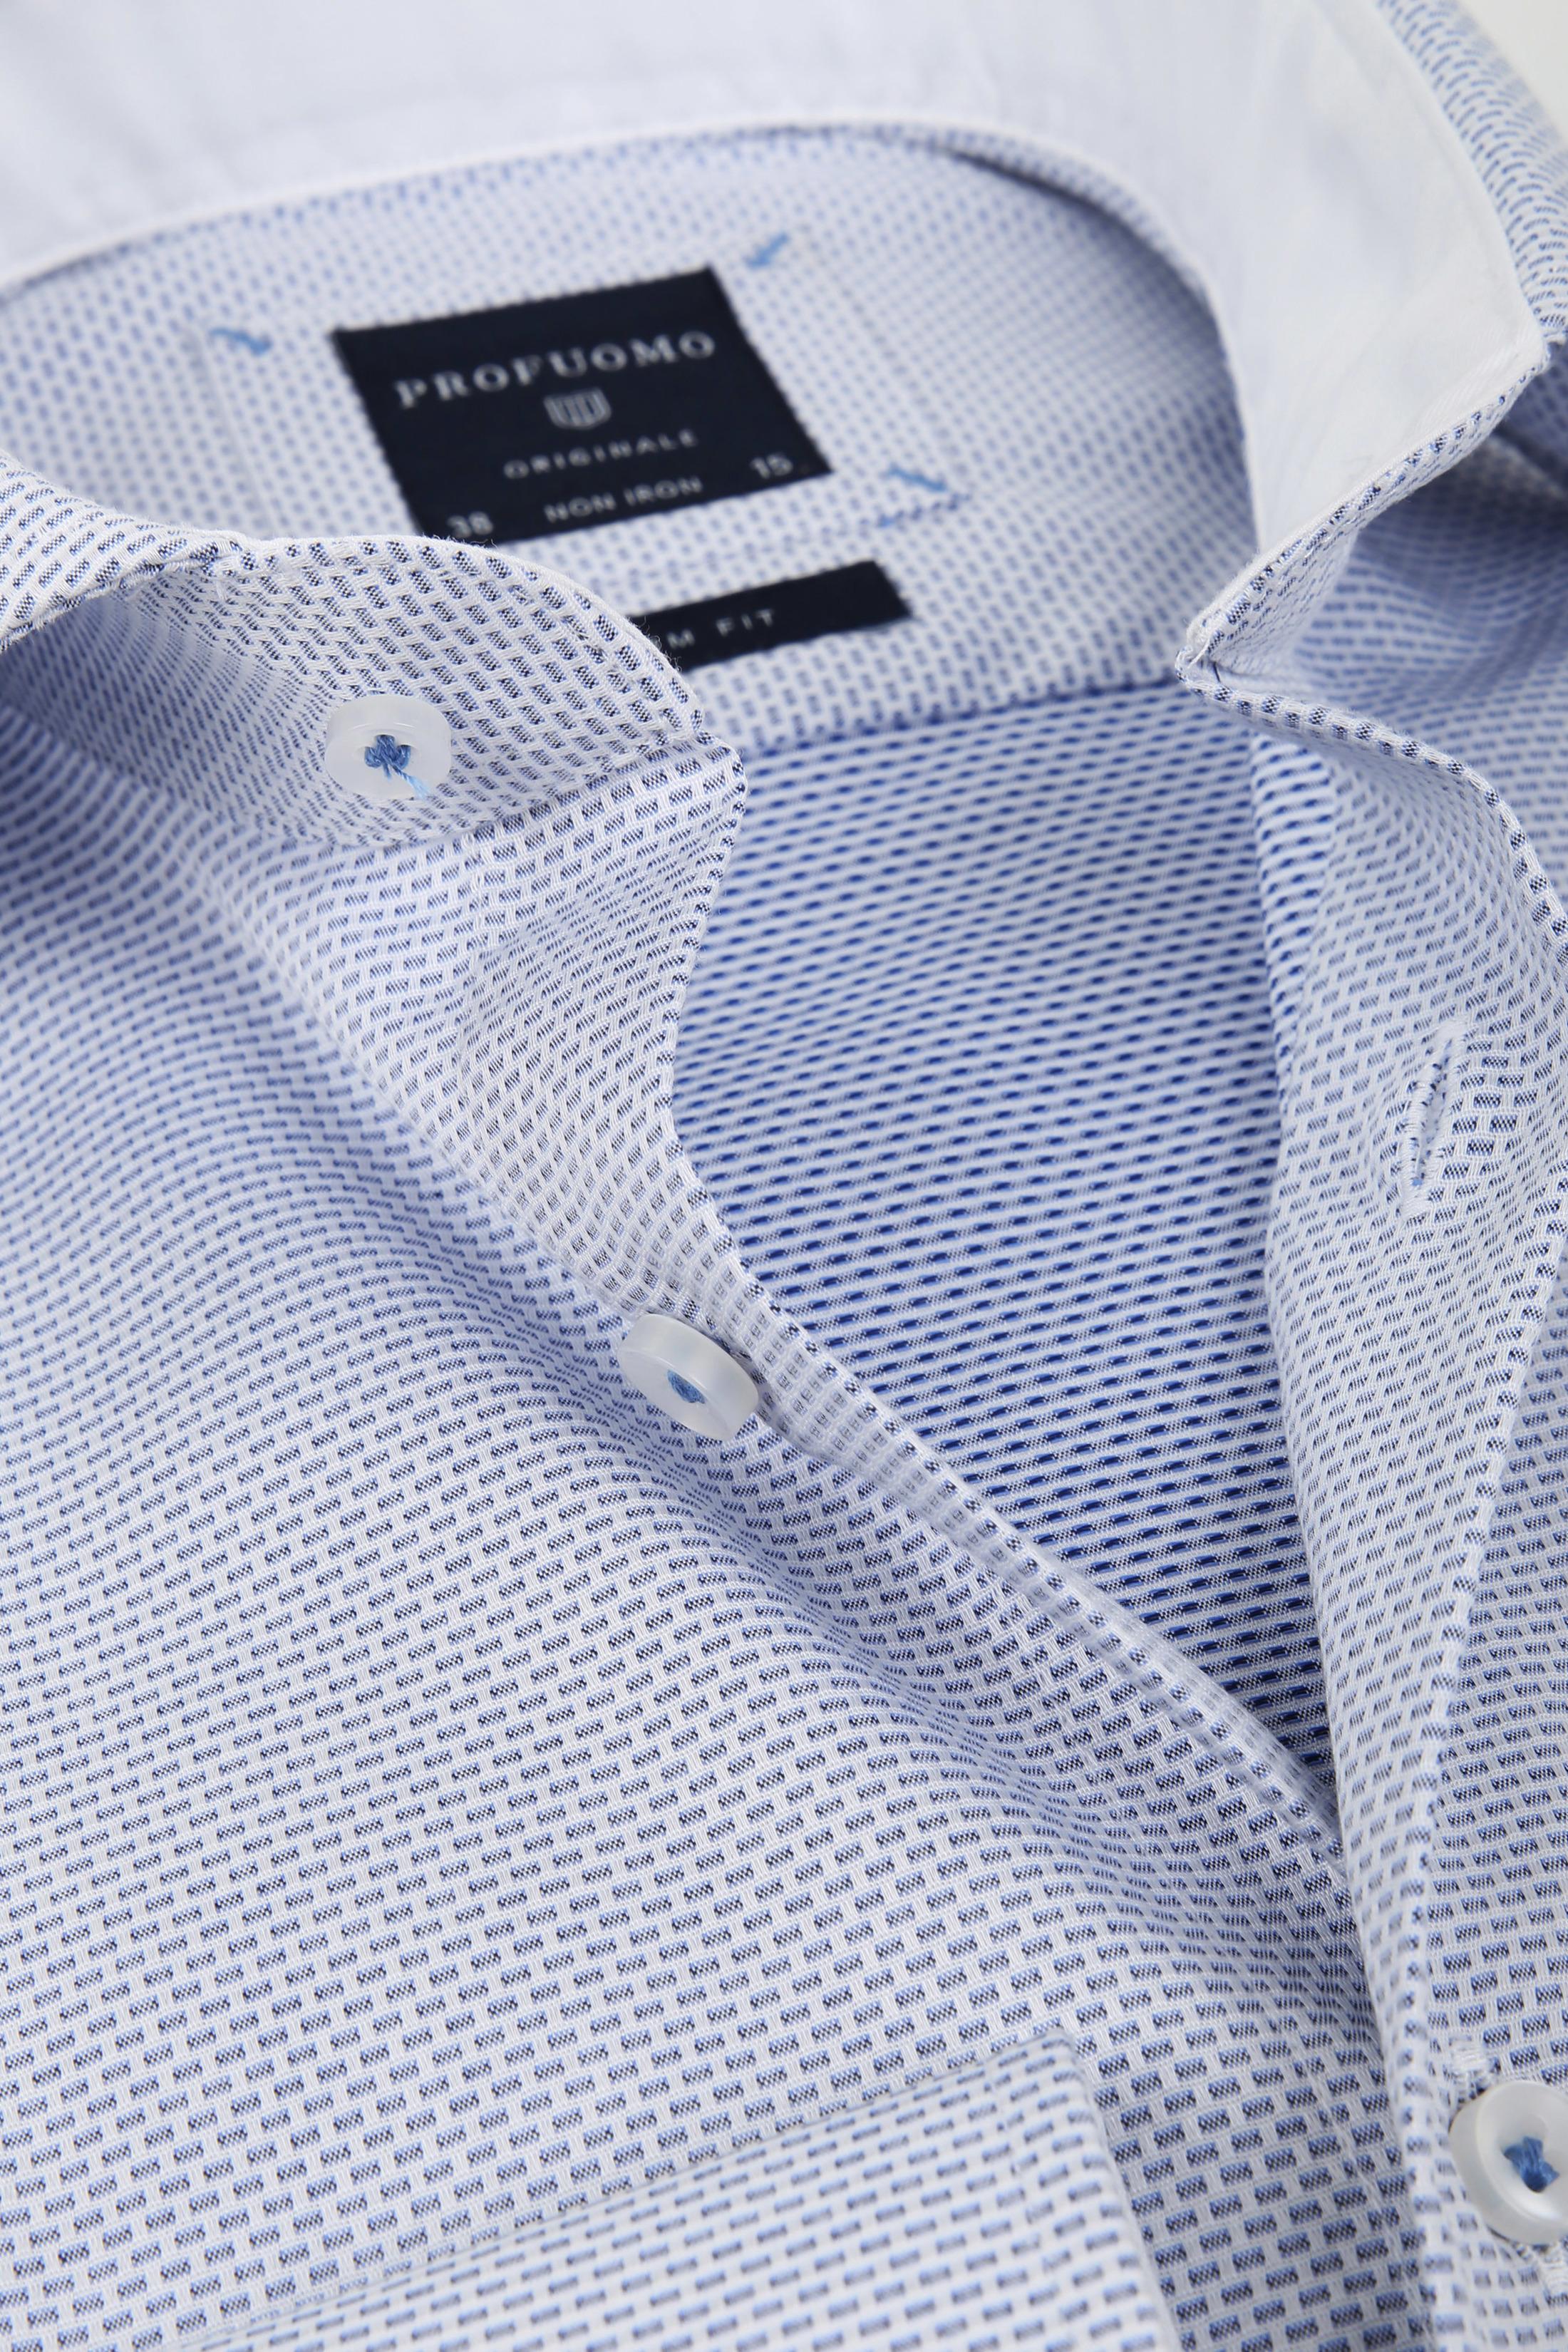 Profuomo Overhemd Dessin Blauw SF foto 1